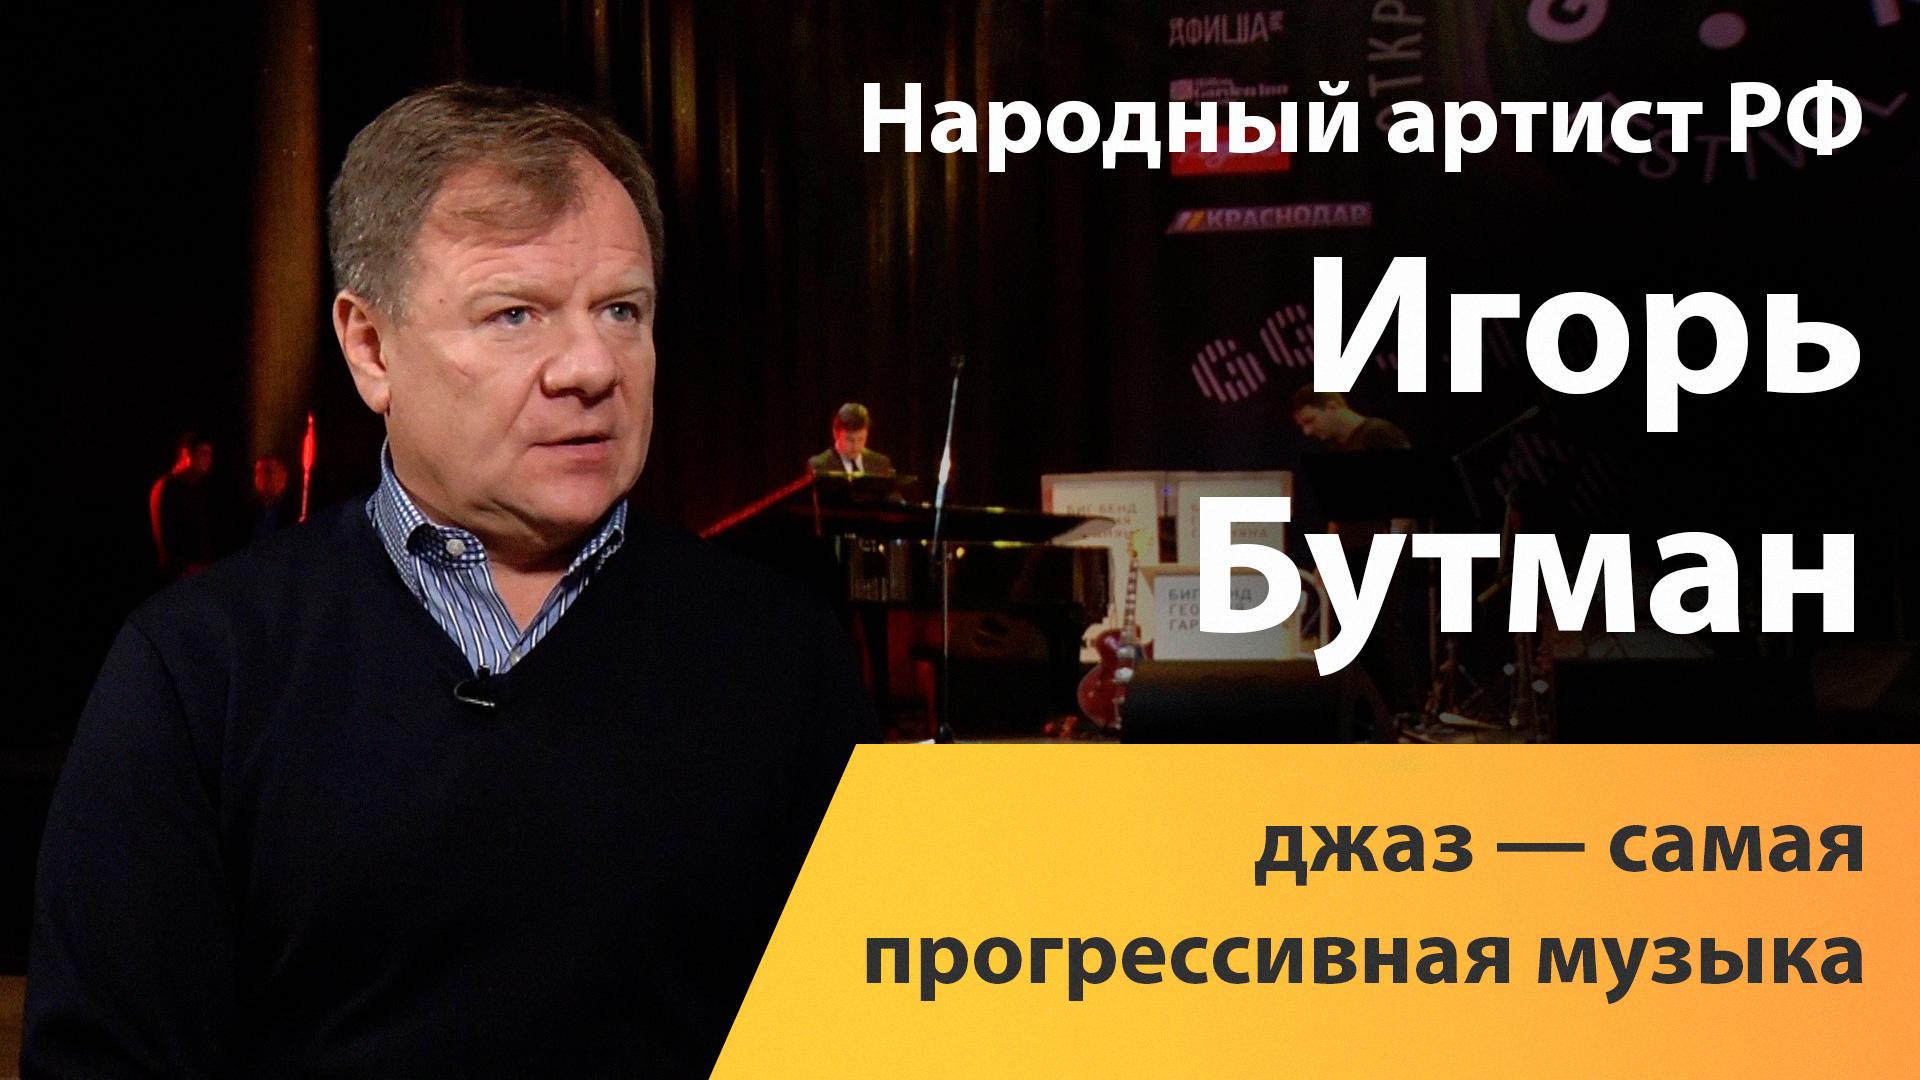 Народный артист РФ Игорь Бутман: джаз — самая прогрессивная музыка